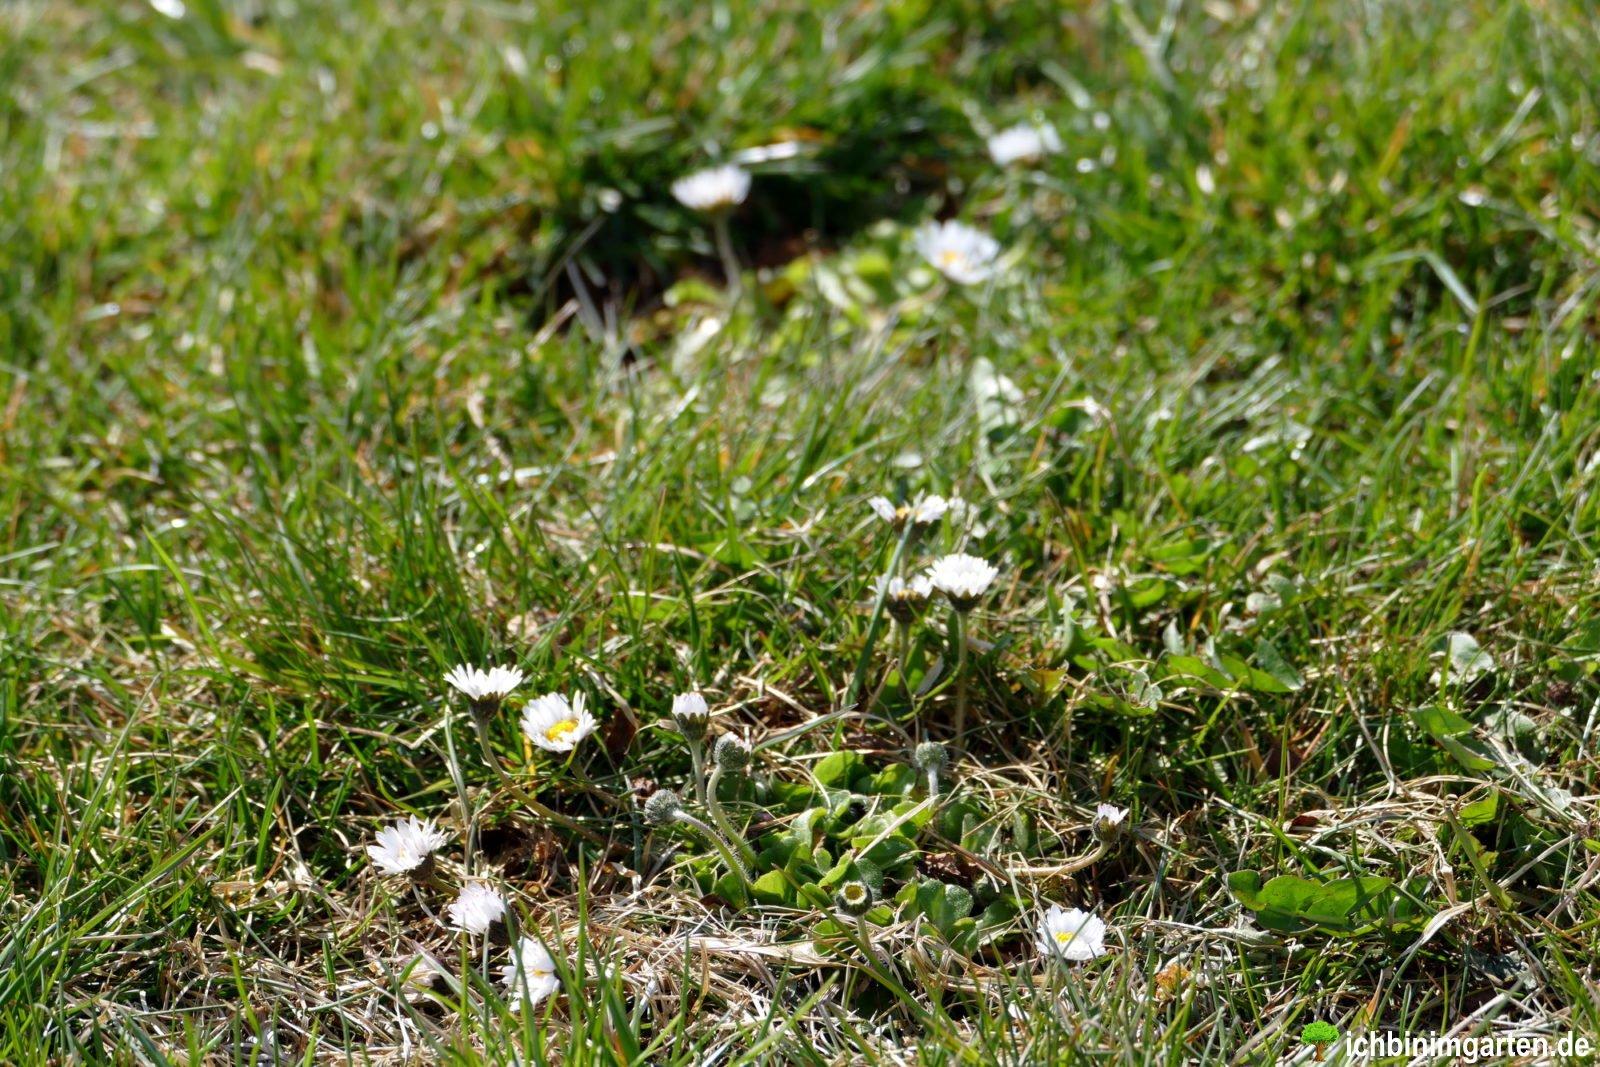 Rasen in Kräuterrasen umwandeln 4